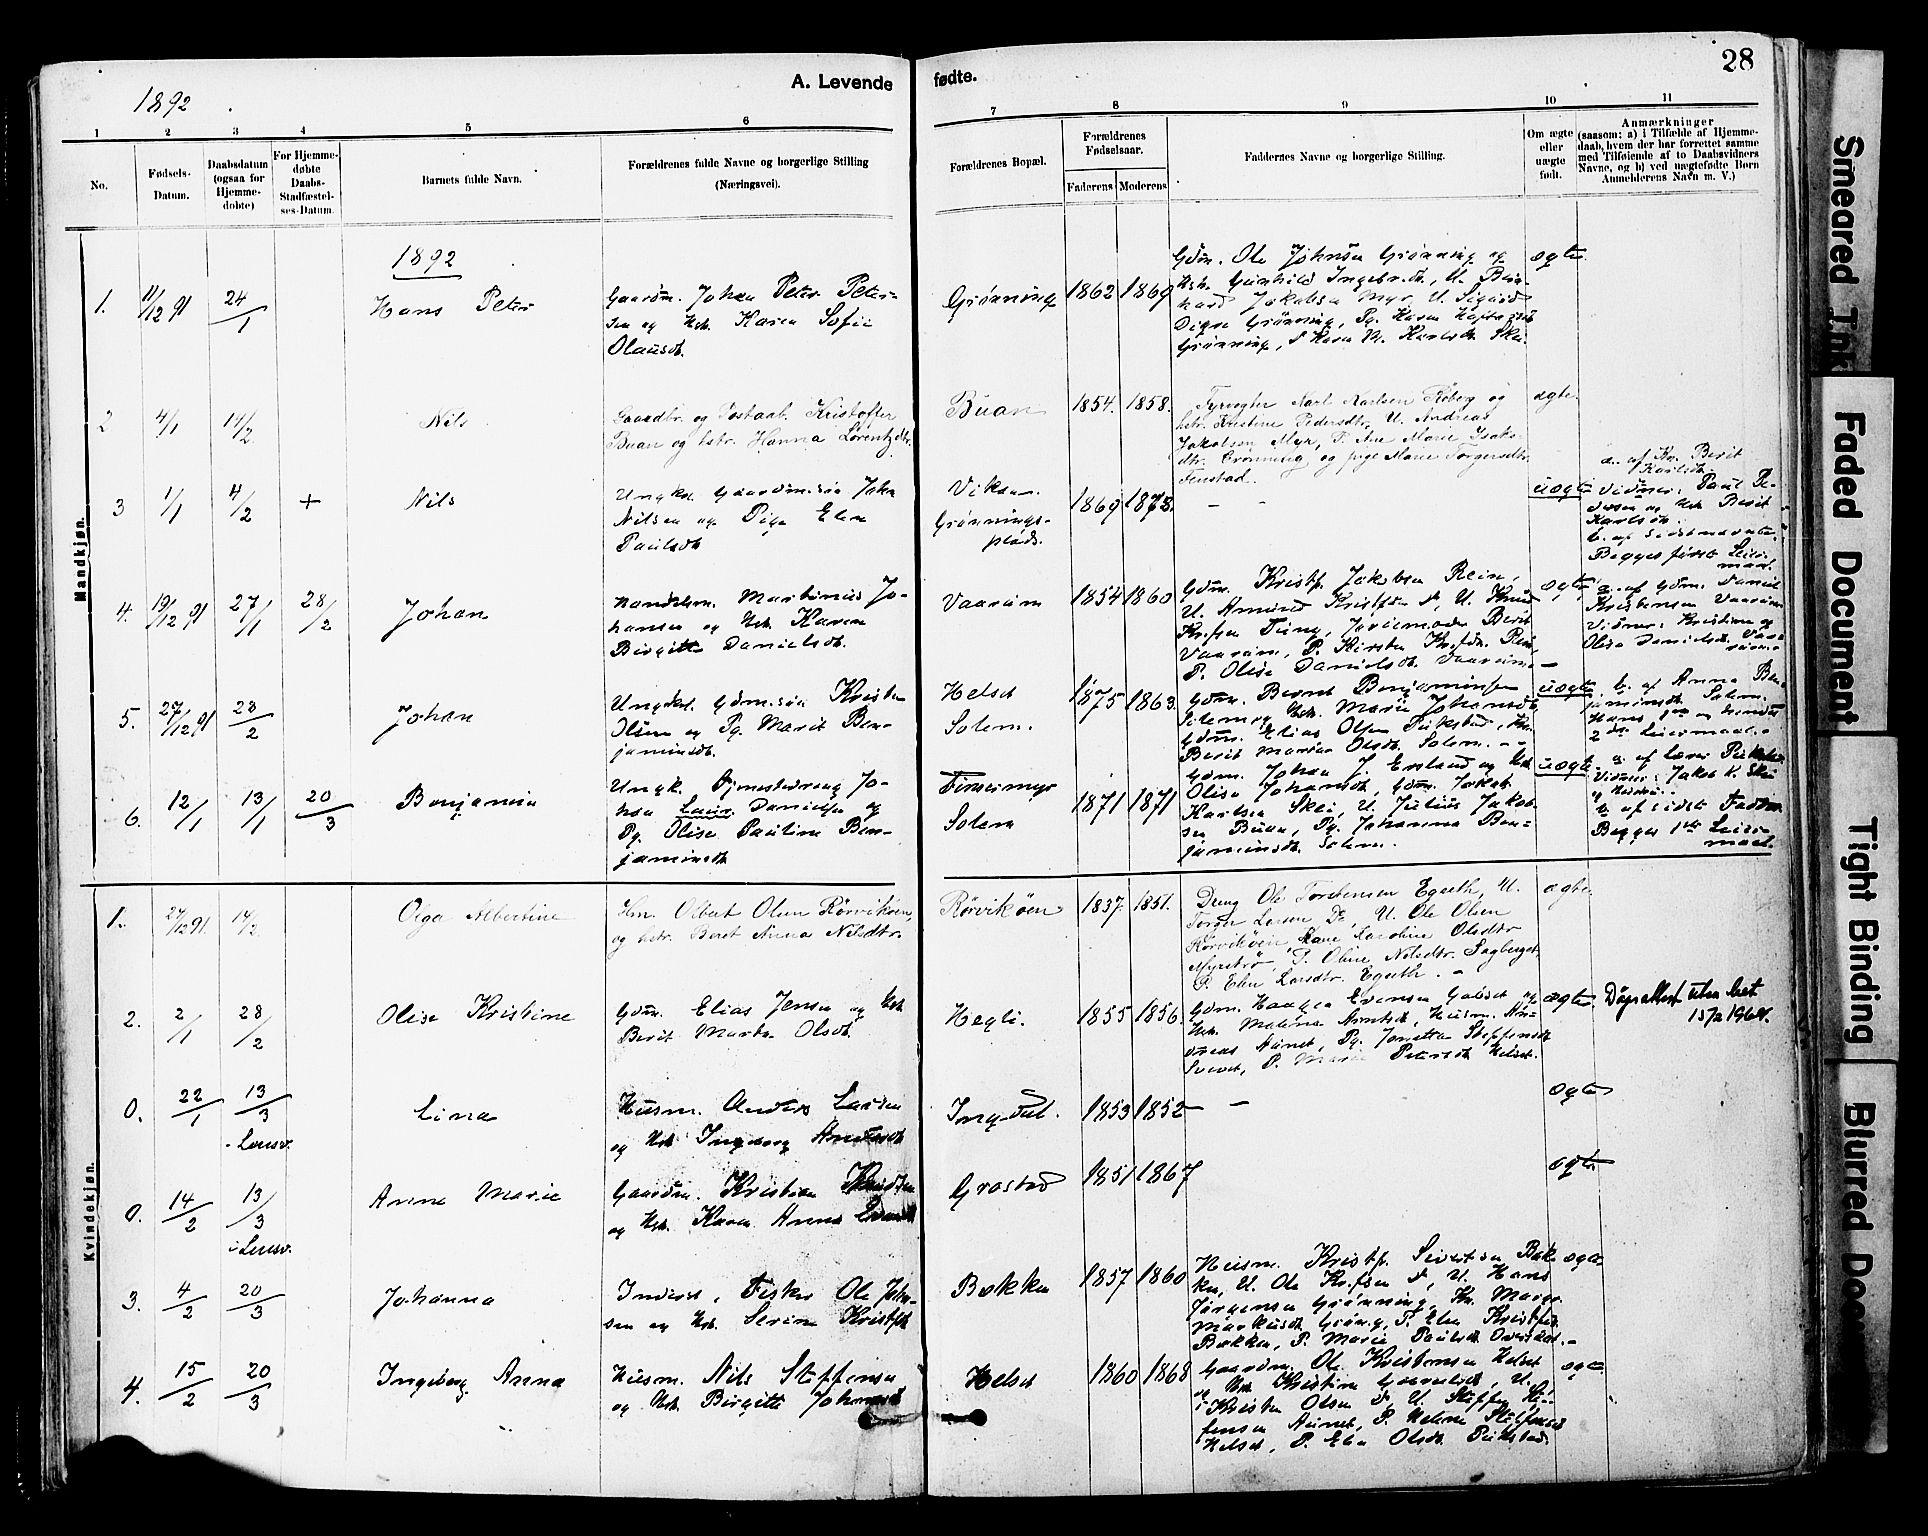 SAT, Ministerialprotokoller, klokkerbøker og fødselsregistre - Sør-Trøndelag, 646/L0615: Ministerialbok nr. 646A13, 1885-1900, s. 28